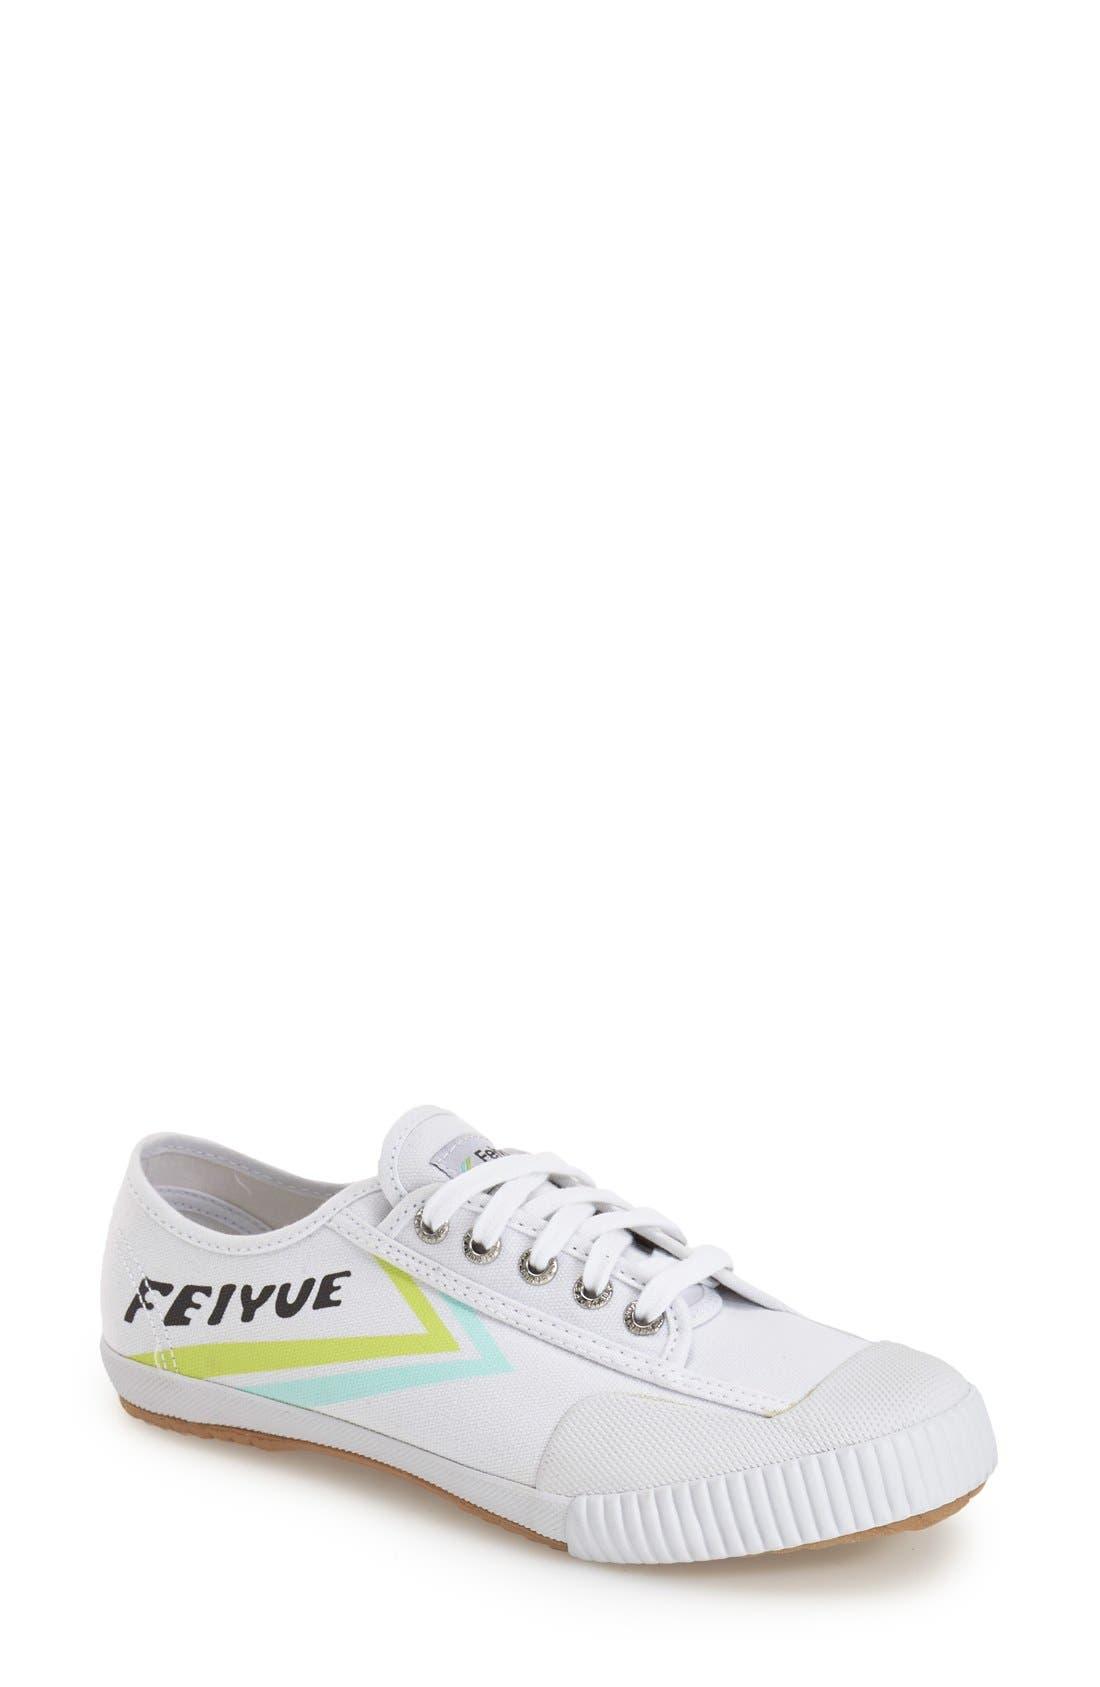 FEIYUE. 'Fe Lo Classic' Canvas Sneaker